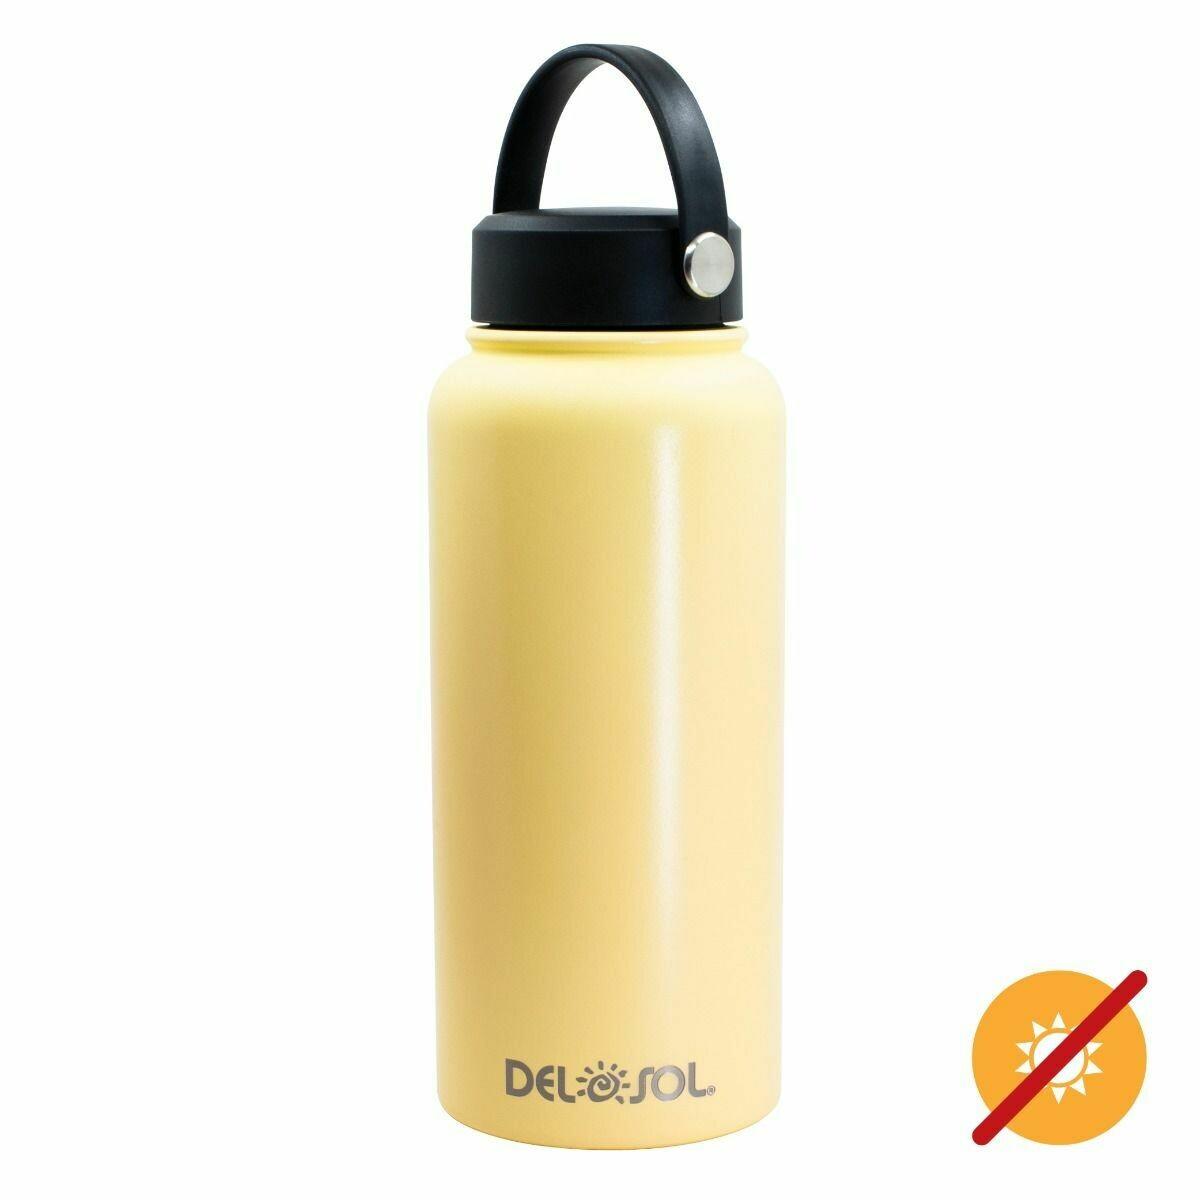 DelSol- Watterbottle Yellow